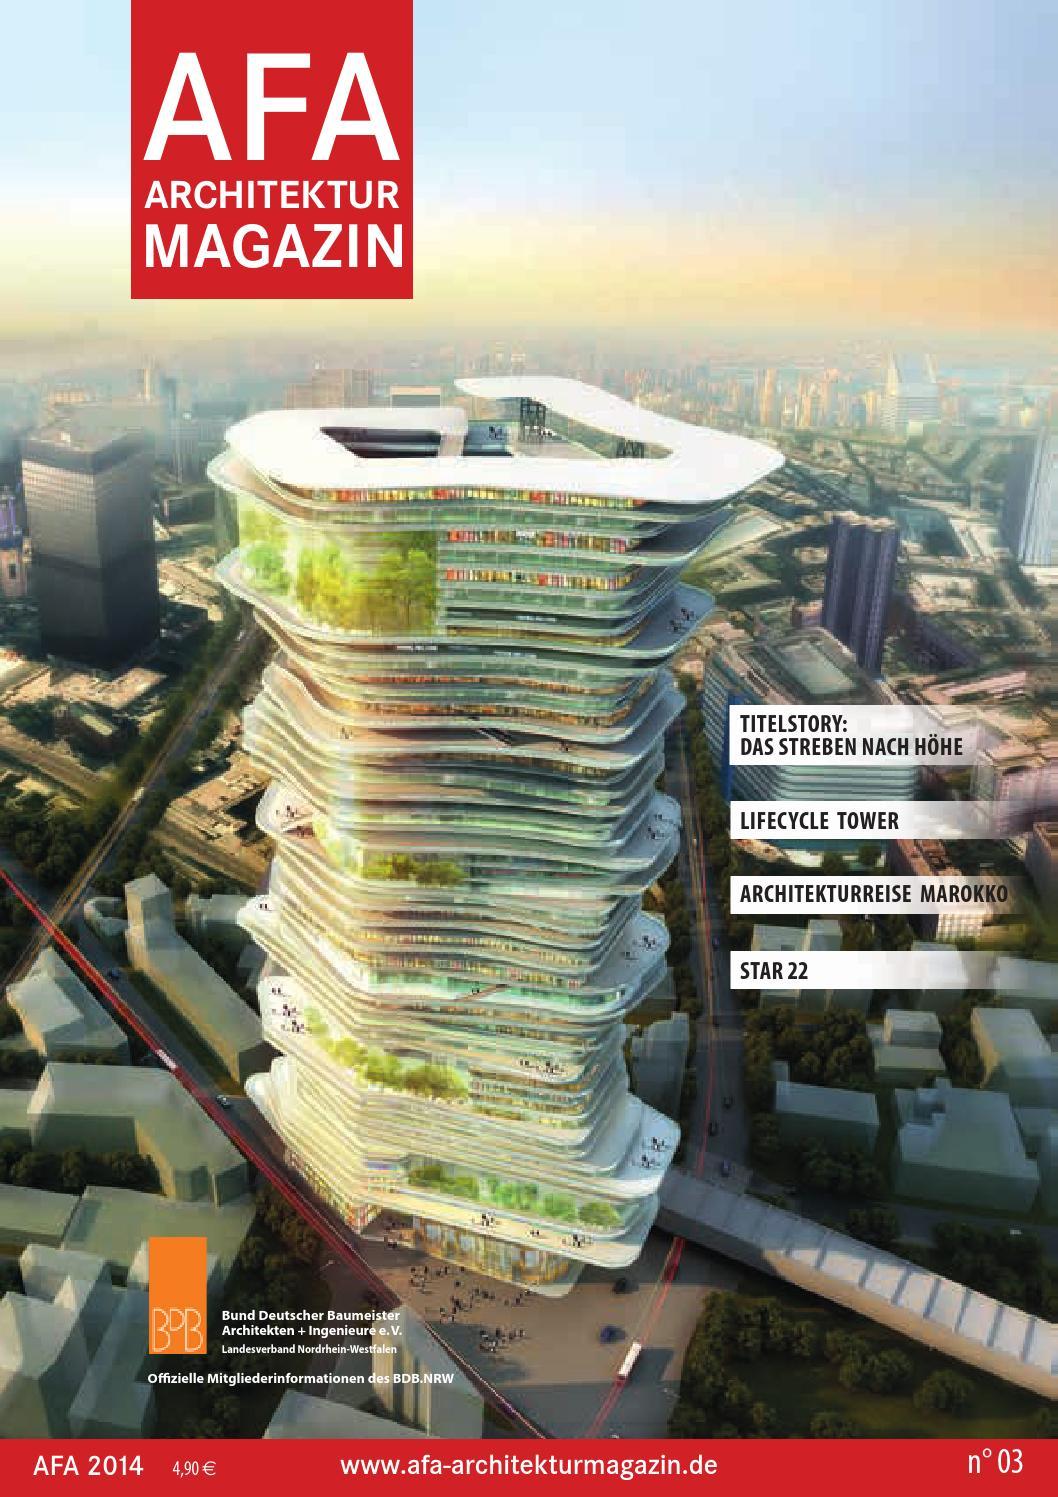 Afa architekturmagazin 04/2014 by afa architekturmagazin   issuu